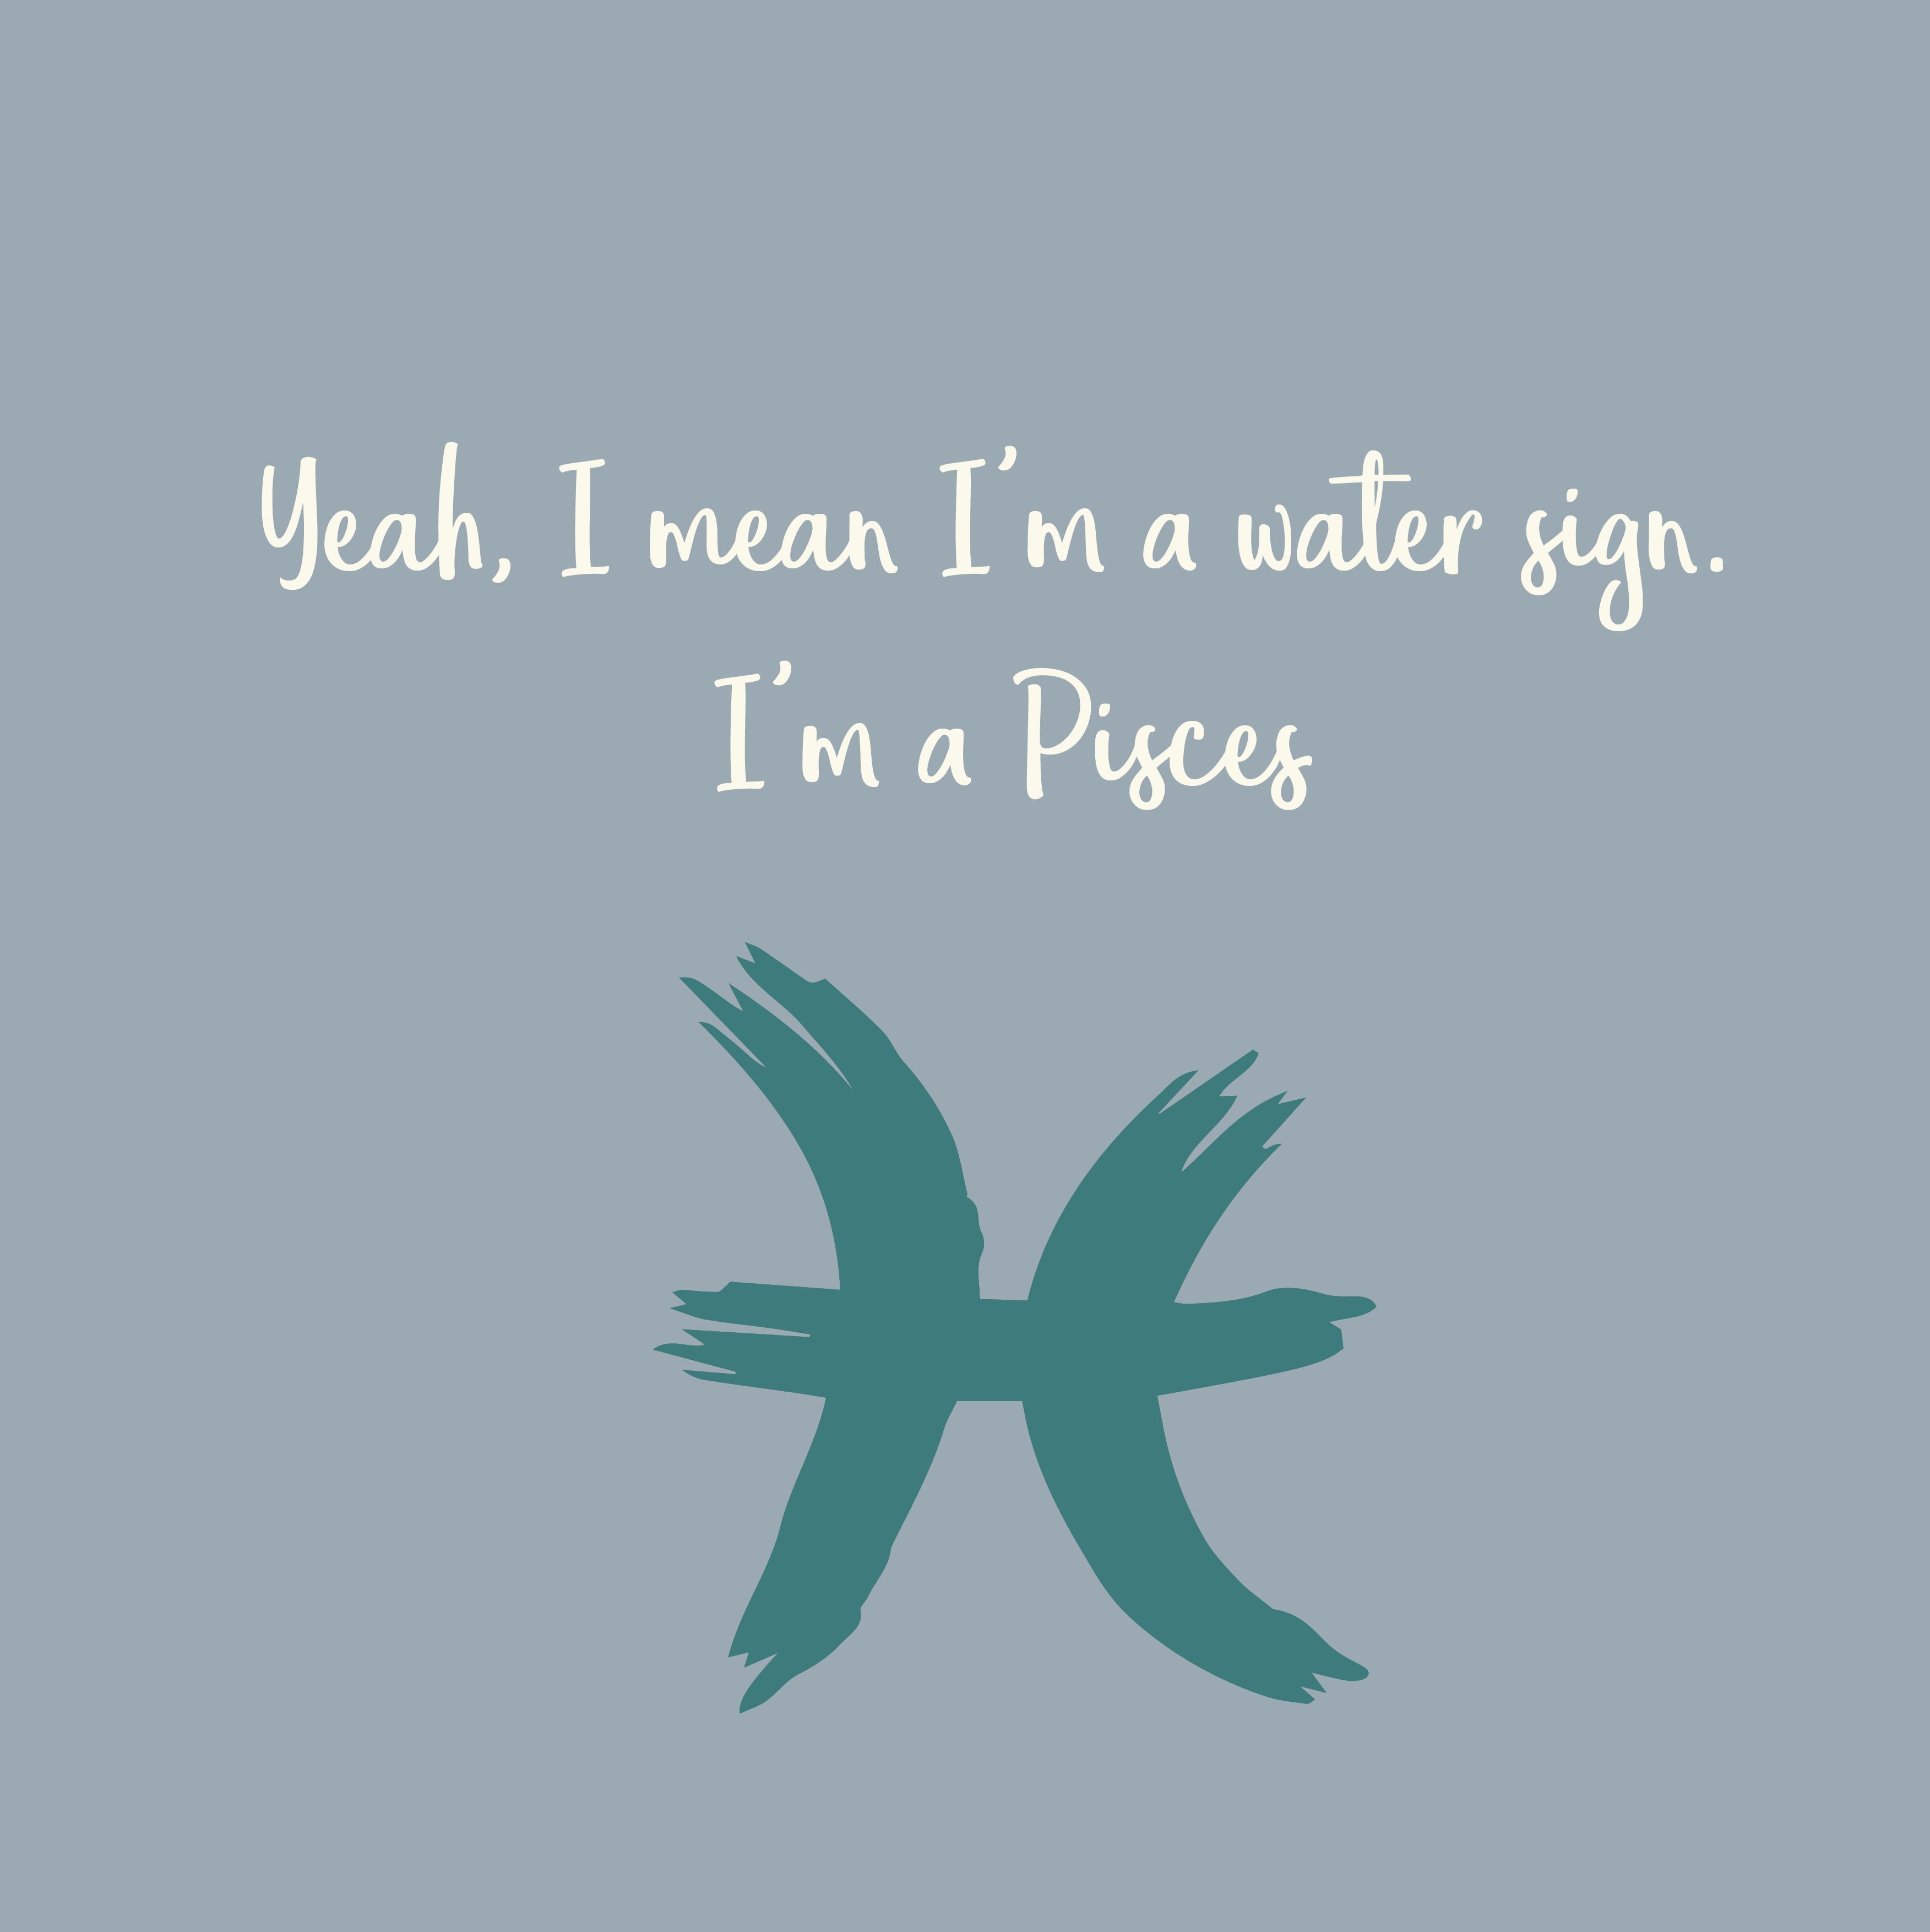 pisces-quotes-08